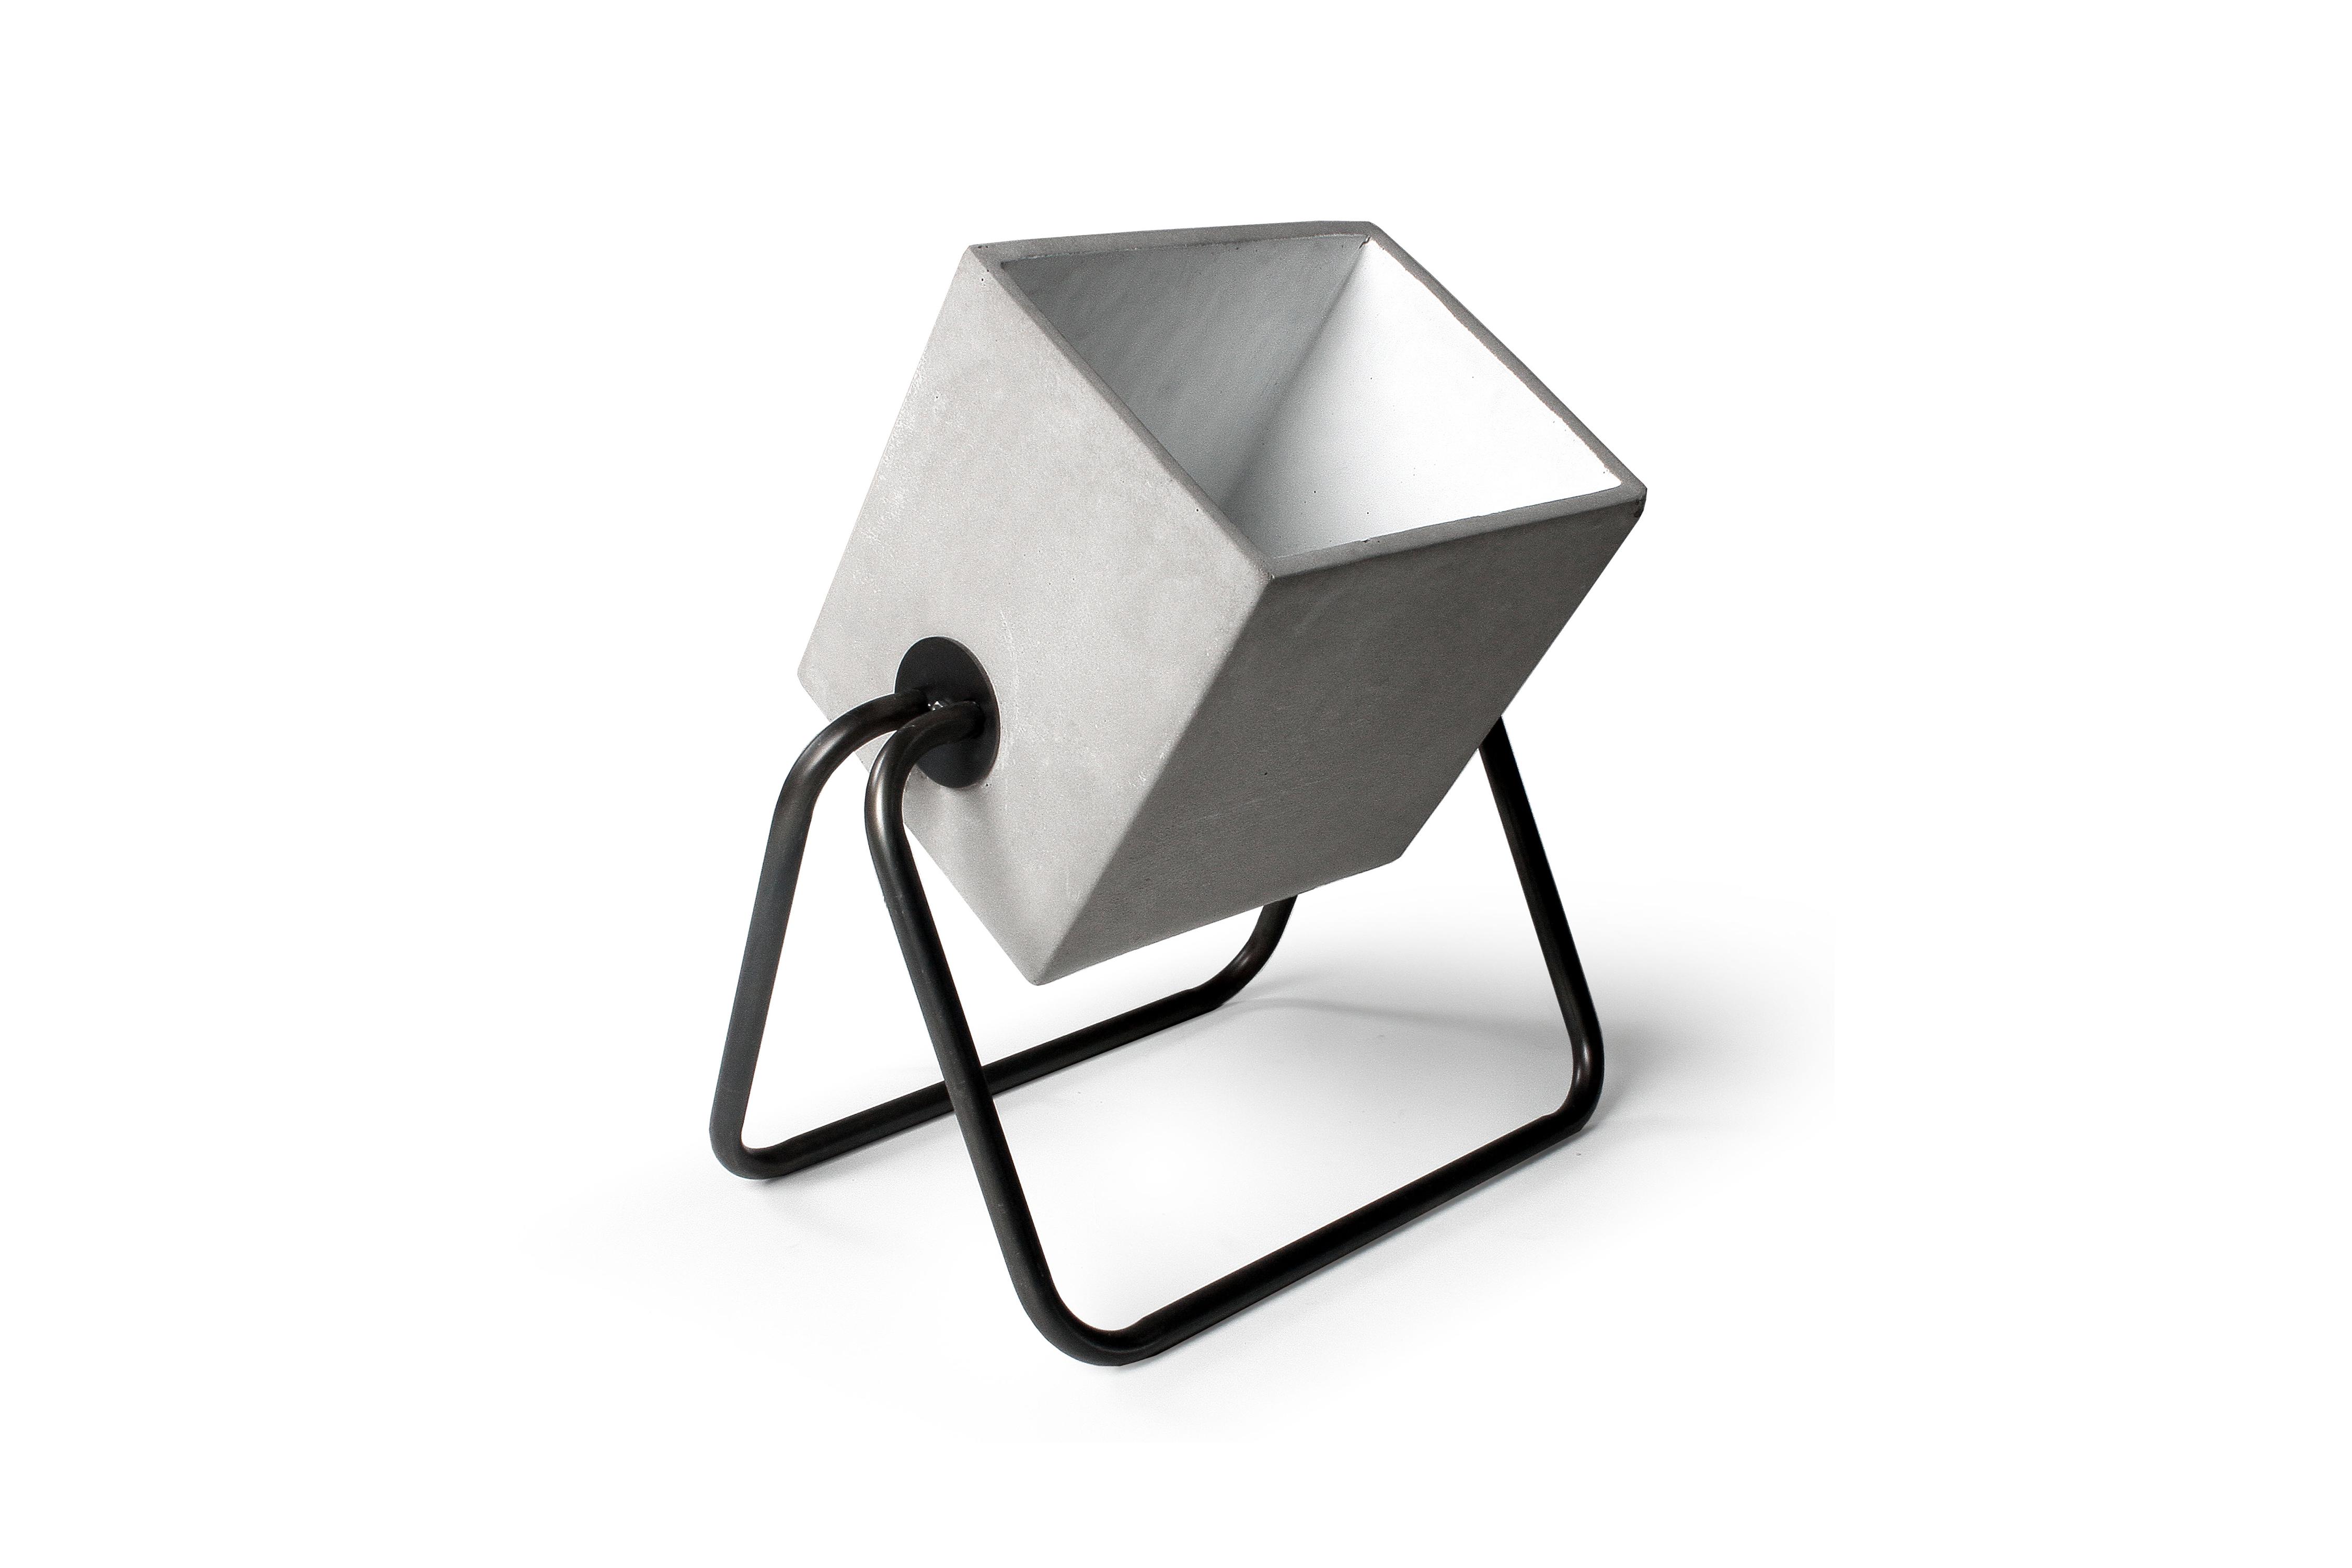 Geliebte Stehlampe Beton Scheinwerfer in grau   selection4.store @AW_14